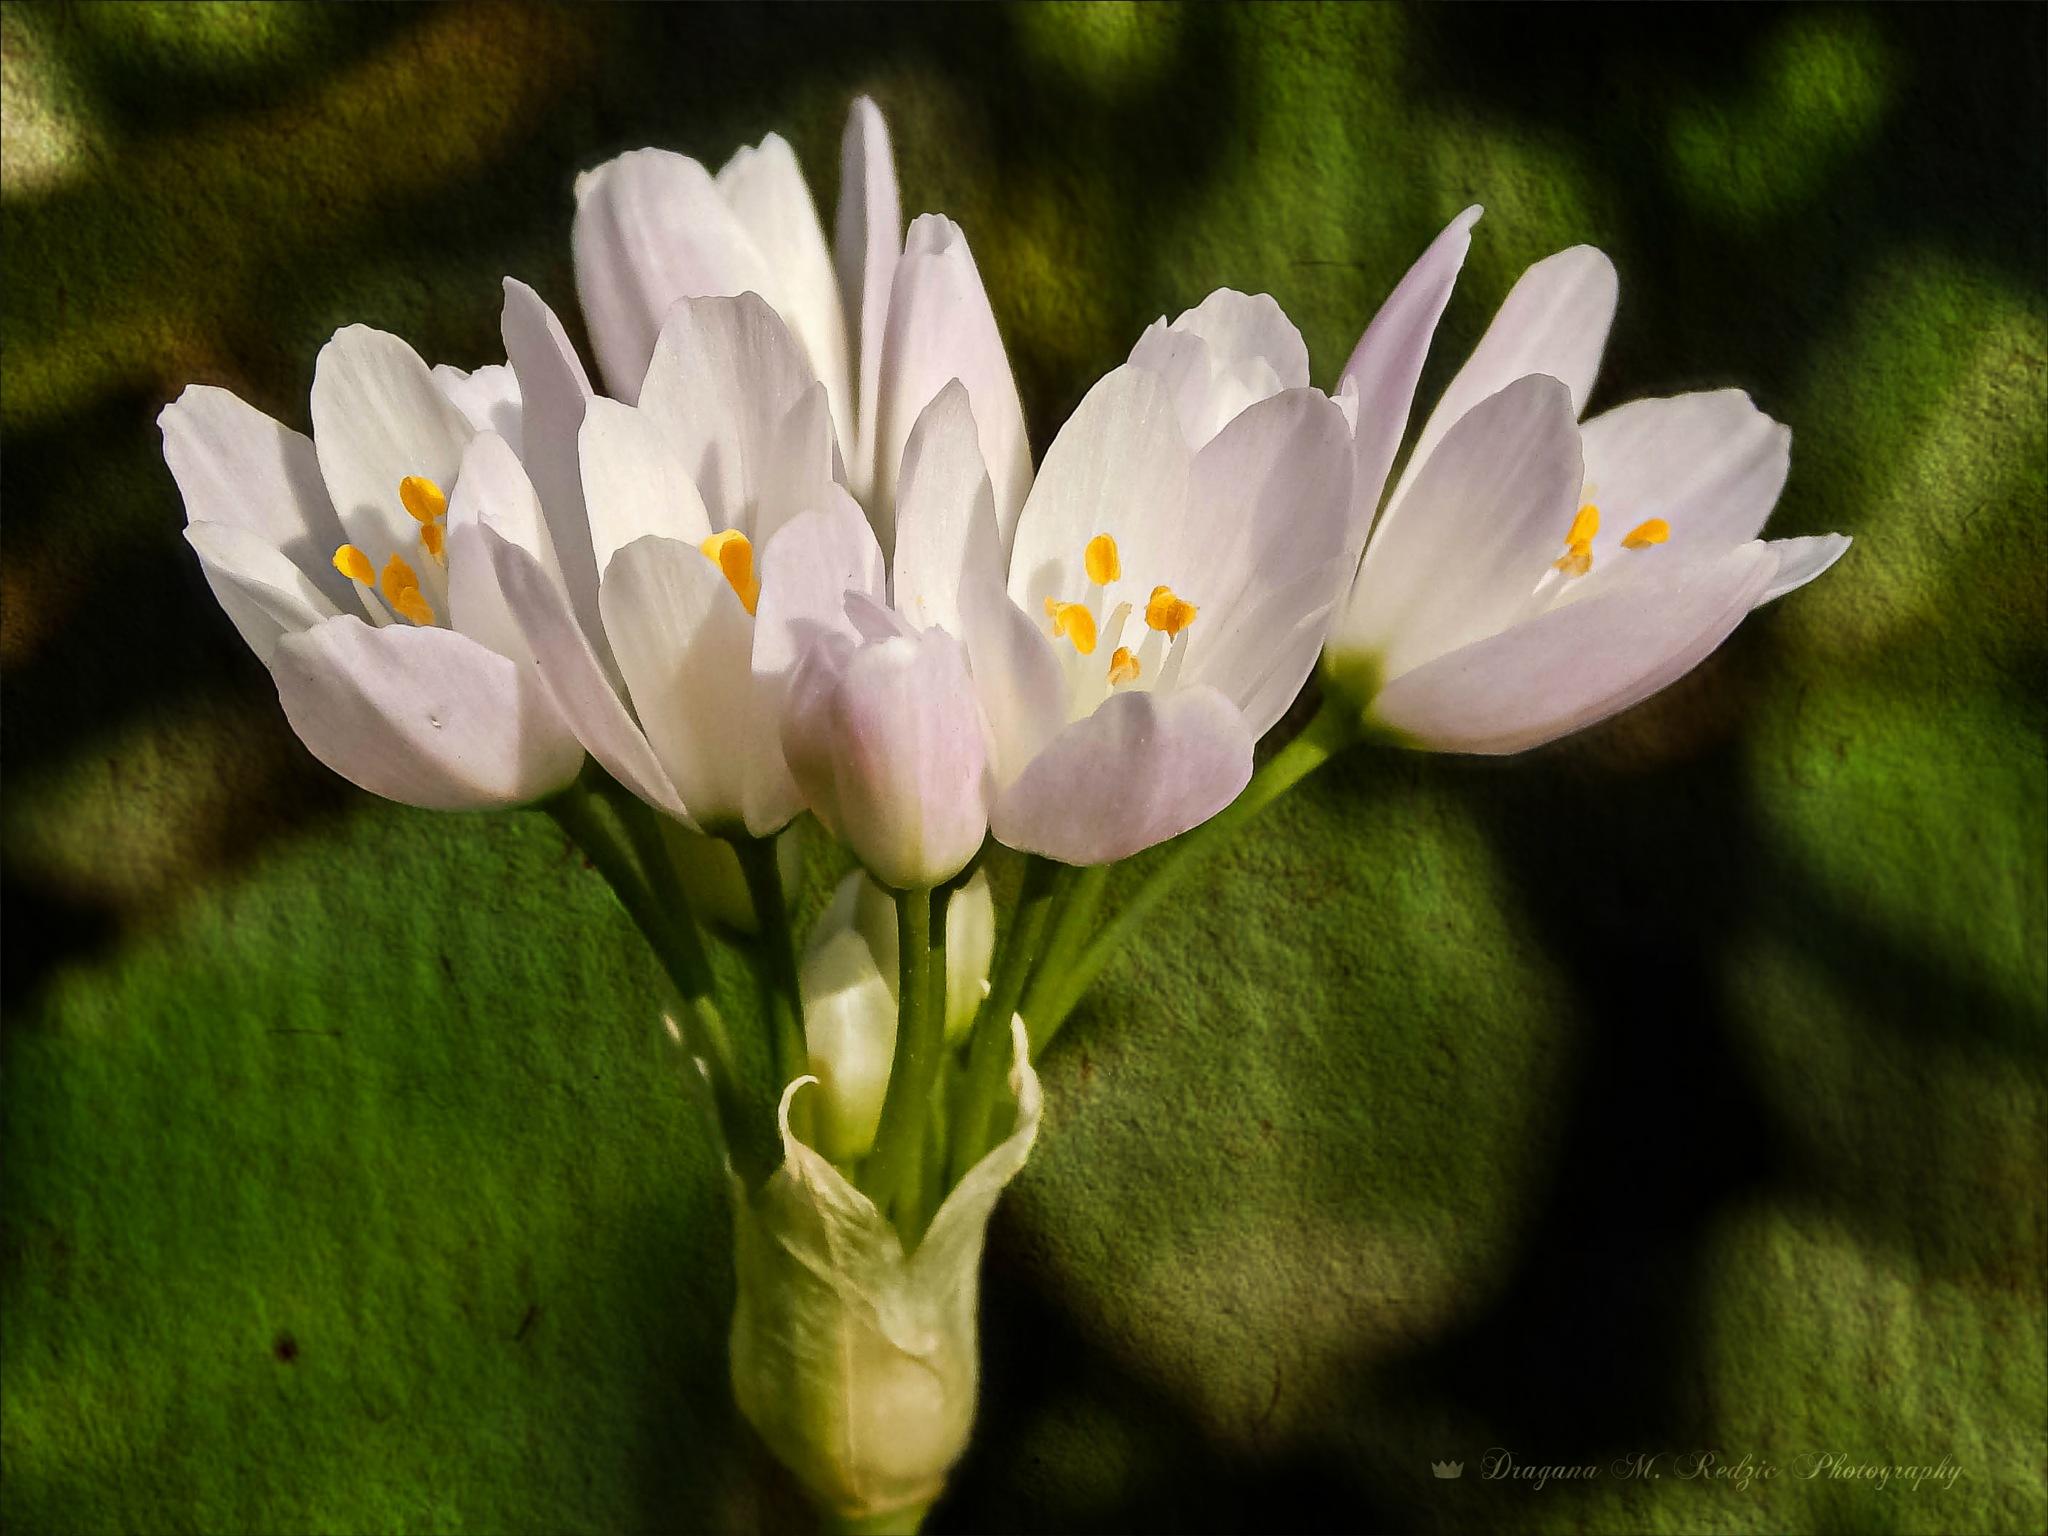 ''Rosy Garlic'' ~ Amaryllidacea: Allium Roseum L. by Драгана М. Реџић